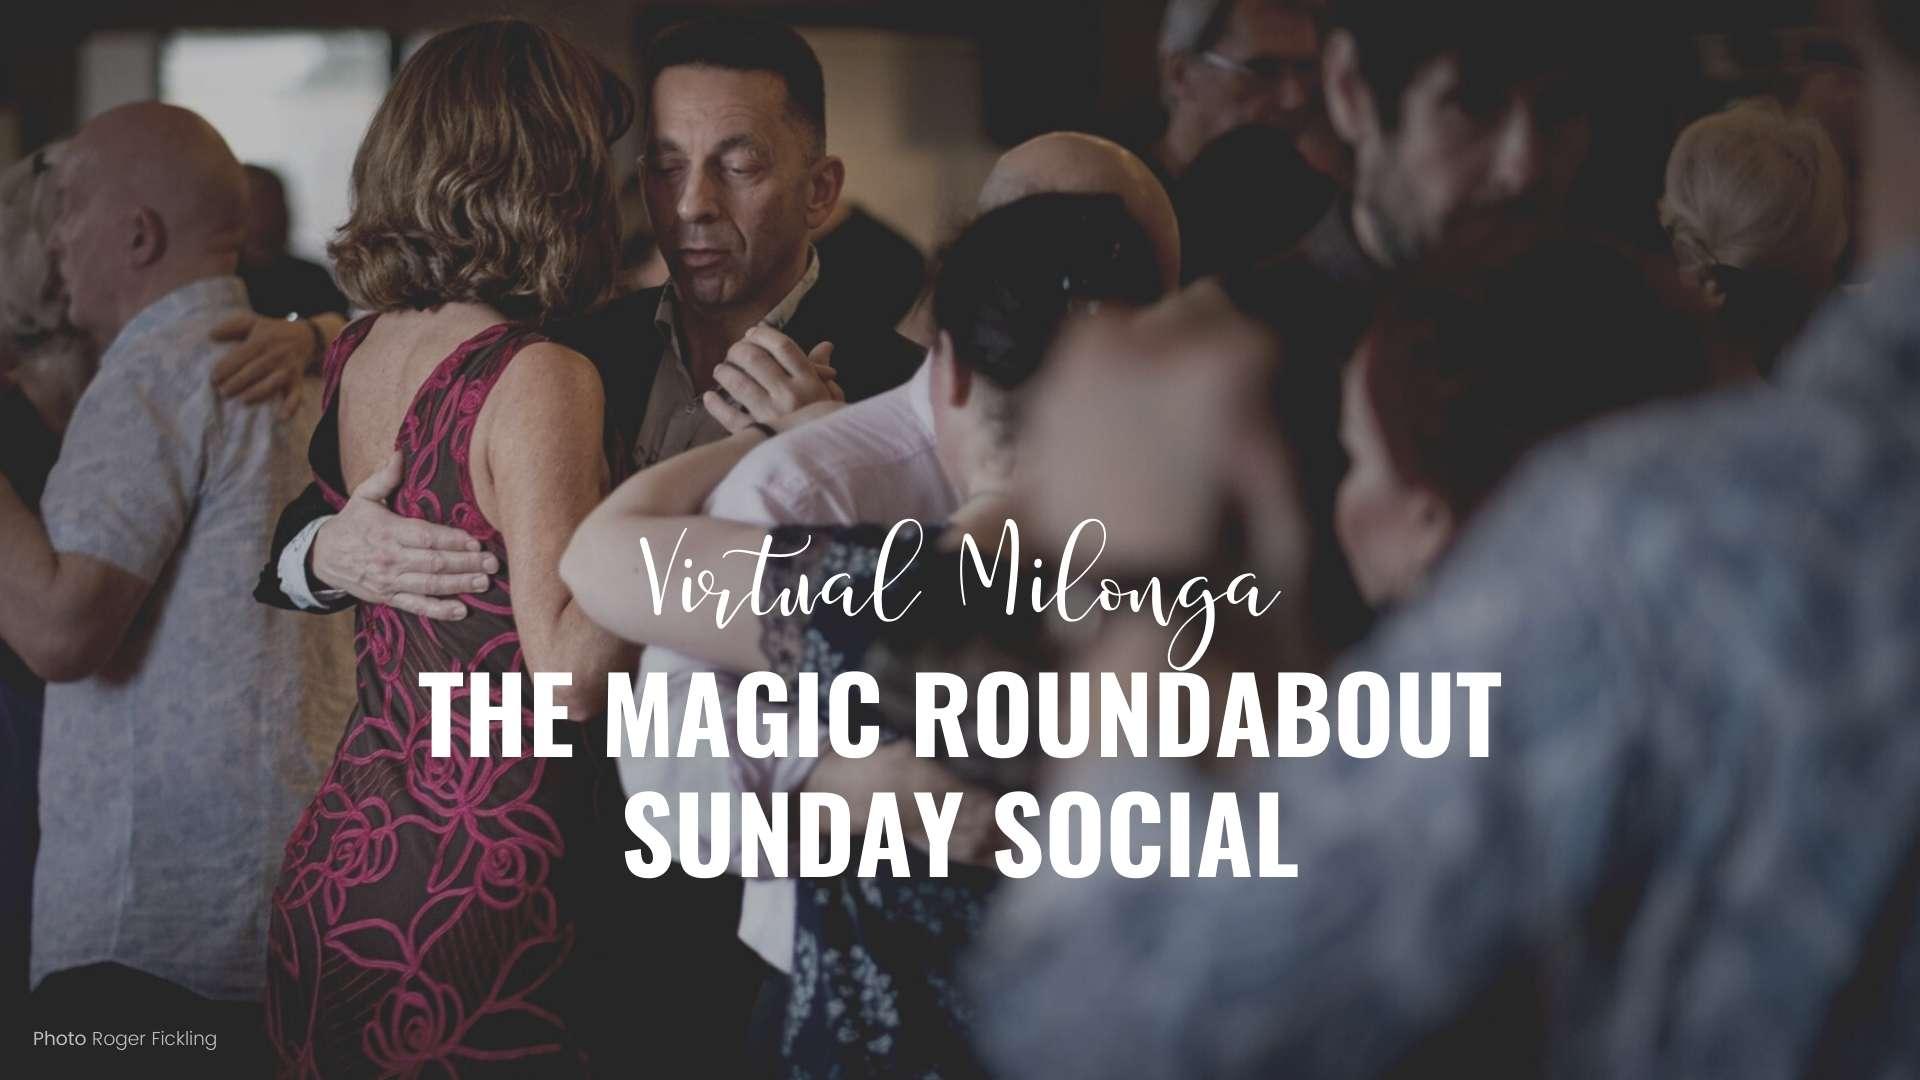 The Sunday Social